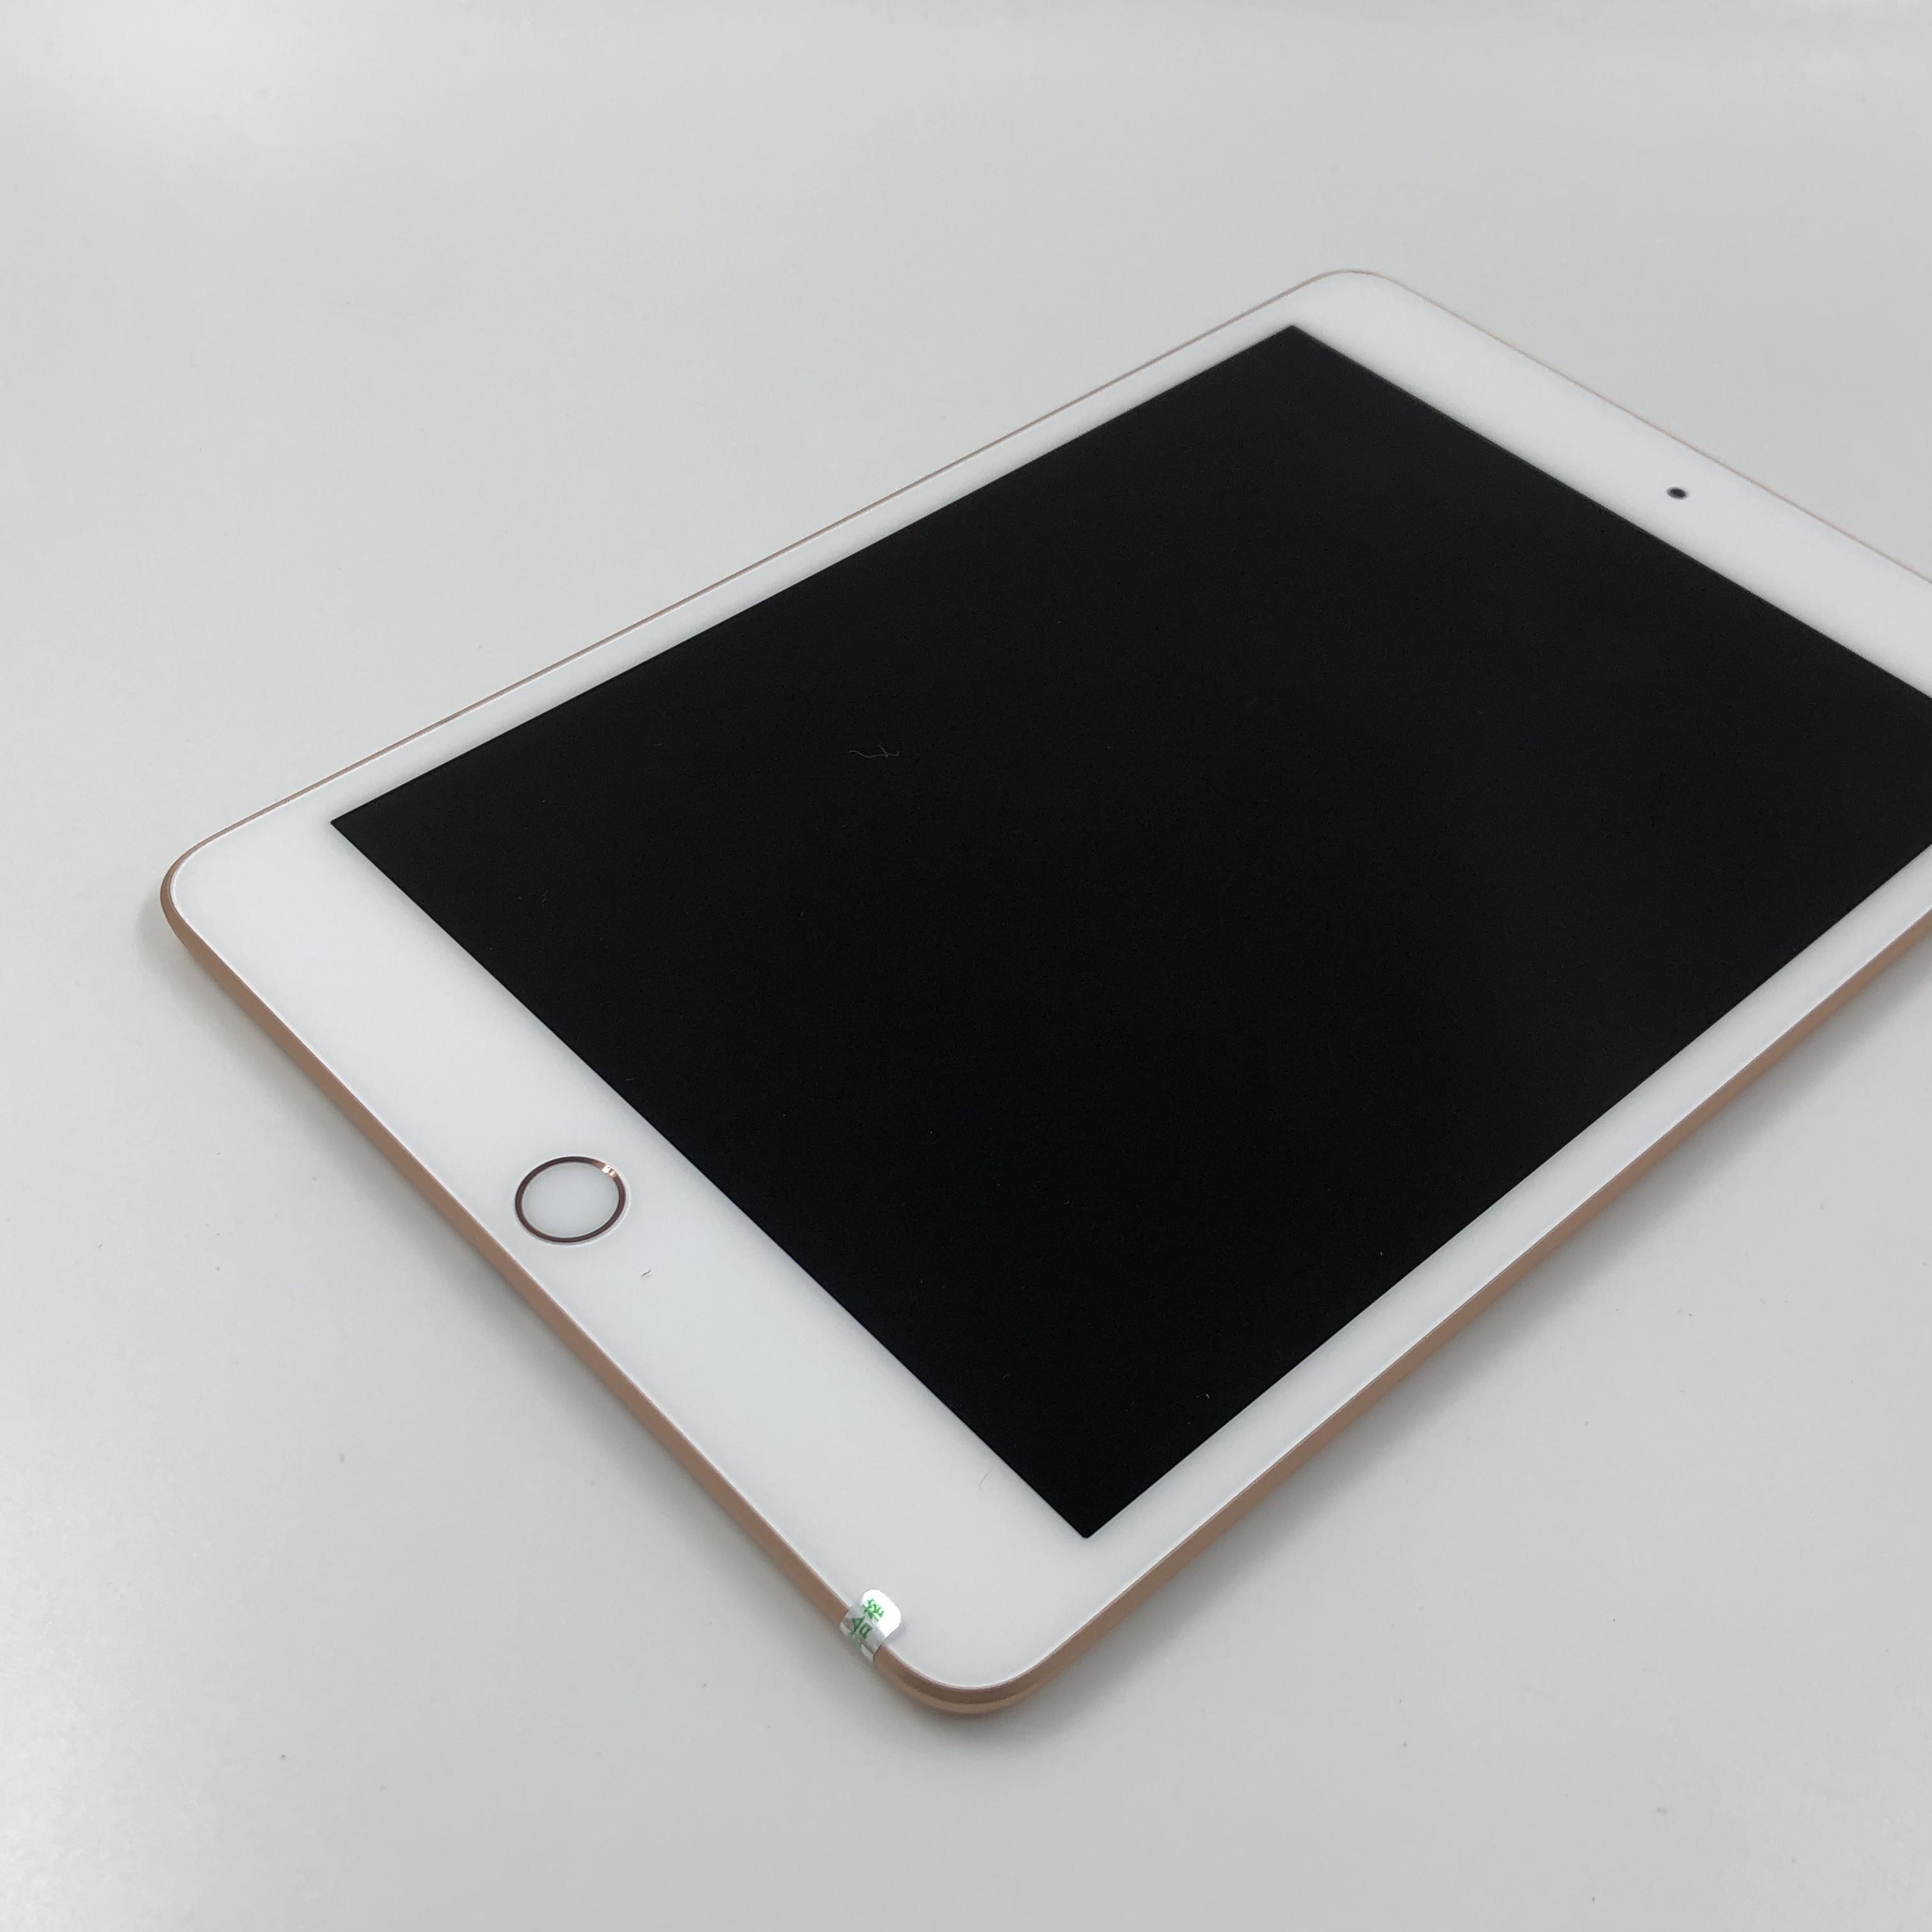 苹果【iPad mini5 7.9英寸 19款】WIFI版 金色 64G 国行 95新 真机实拍保修2022-01-08